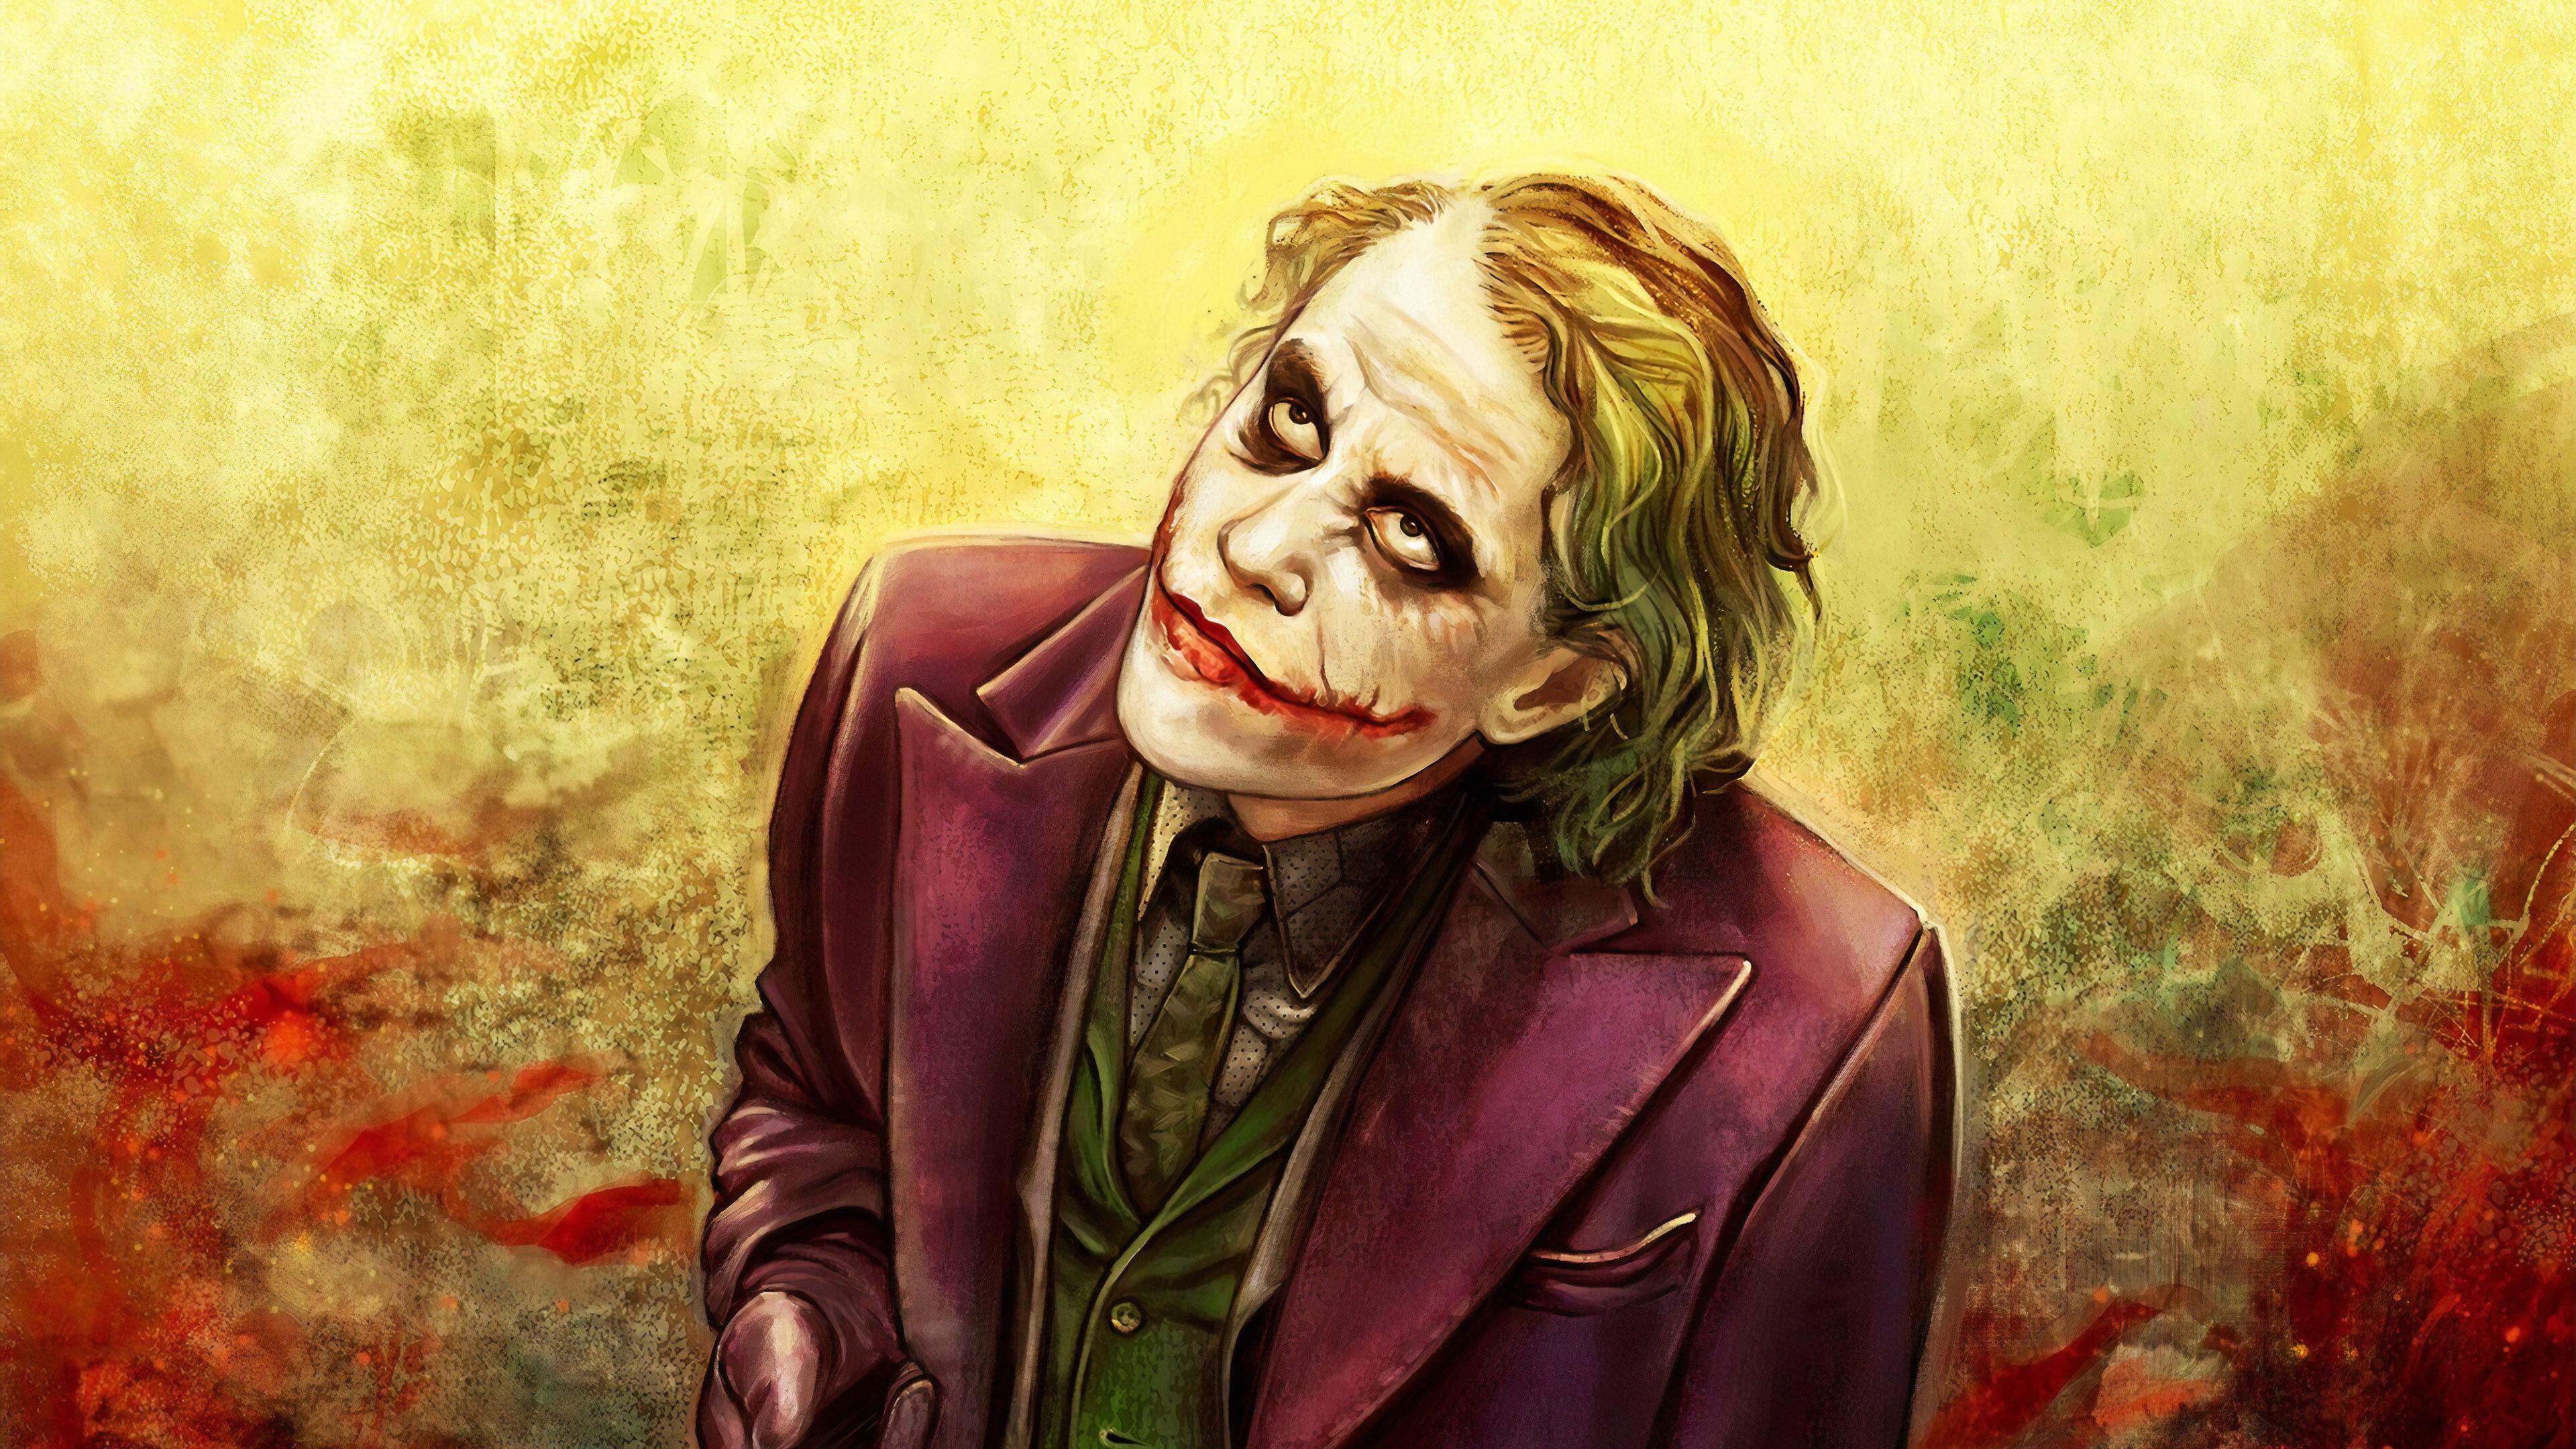 3840x2160 Joker Heath Ledger Art 4k 2019 4k Hd 4k Wallpapers